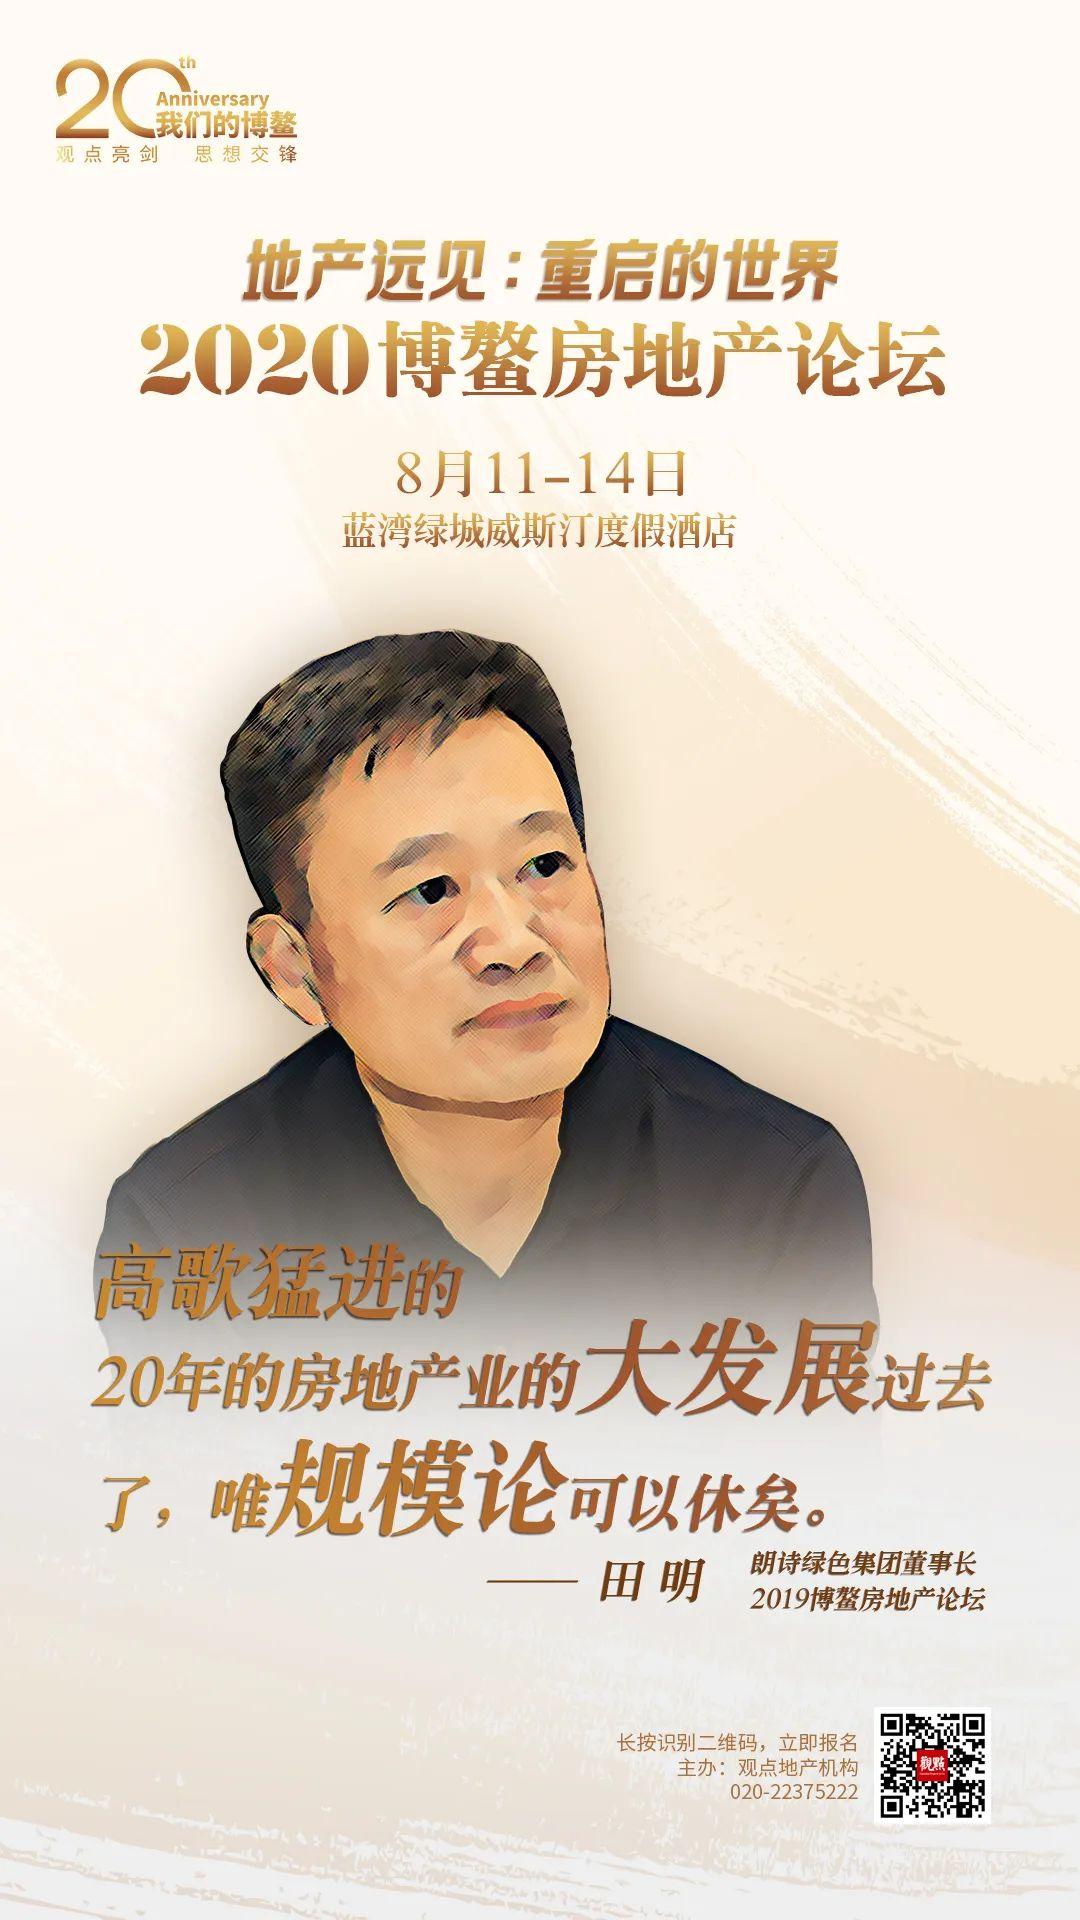 观点与吴凯盈对话:华平房地产投资逻辑 | 博鳌20年